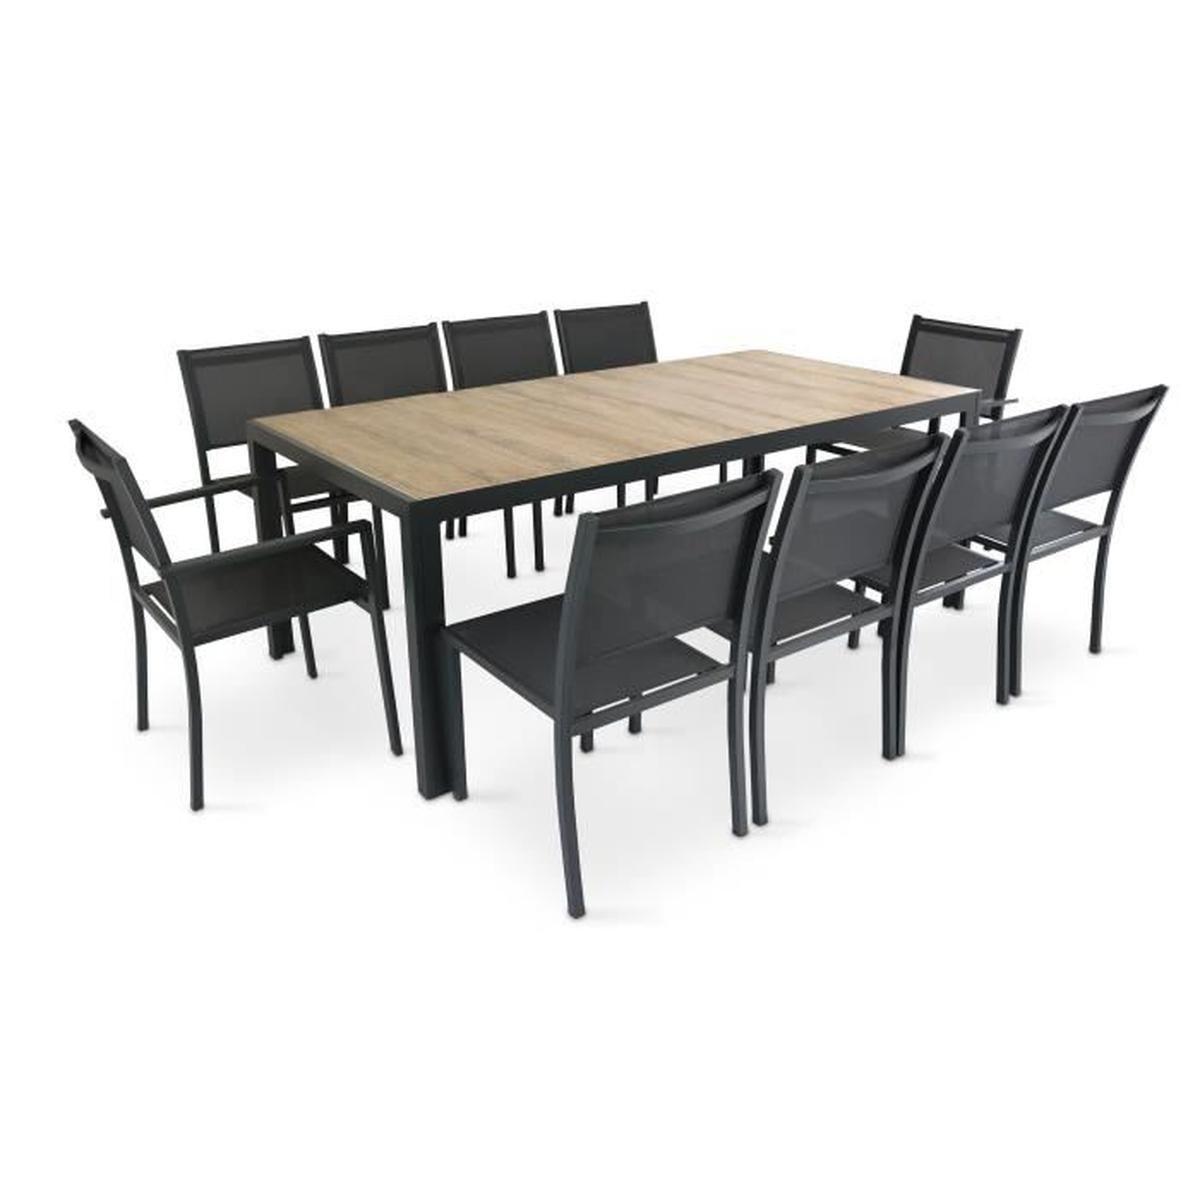 Table De Jardin 10 Places Aluminium Et Céramique - Ensemble ... tout Vente Unique Salon De Jardin